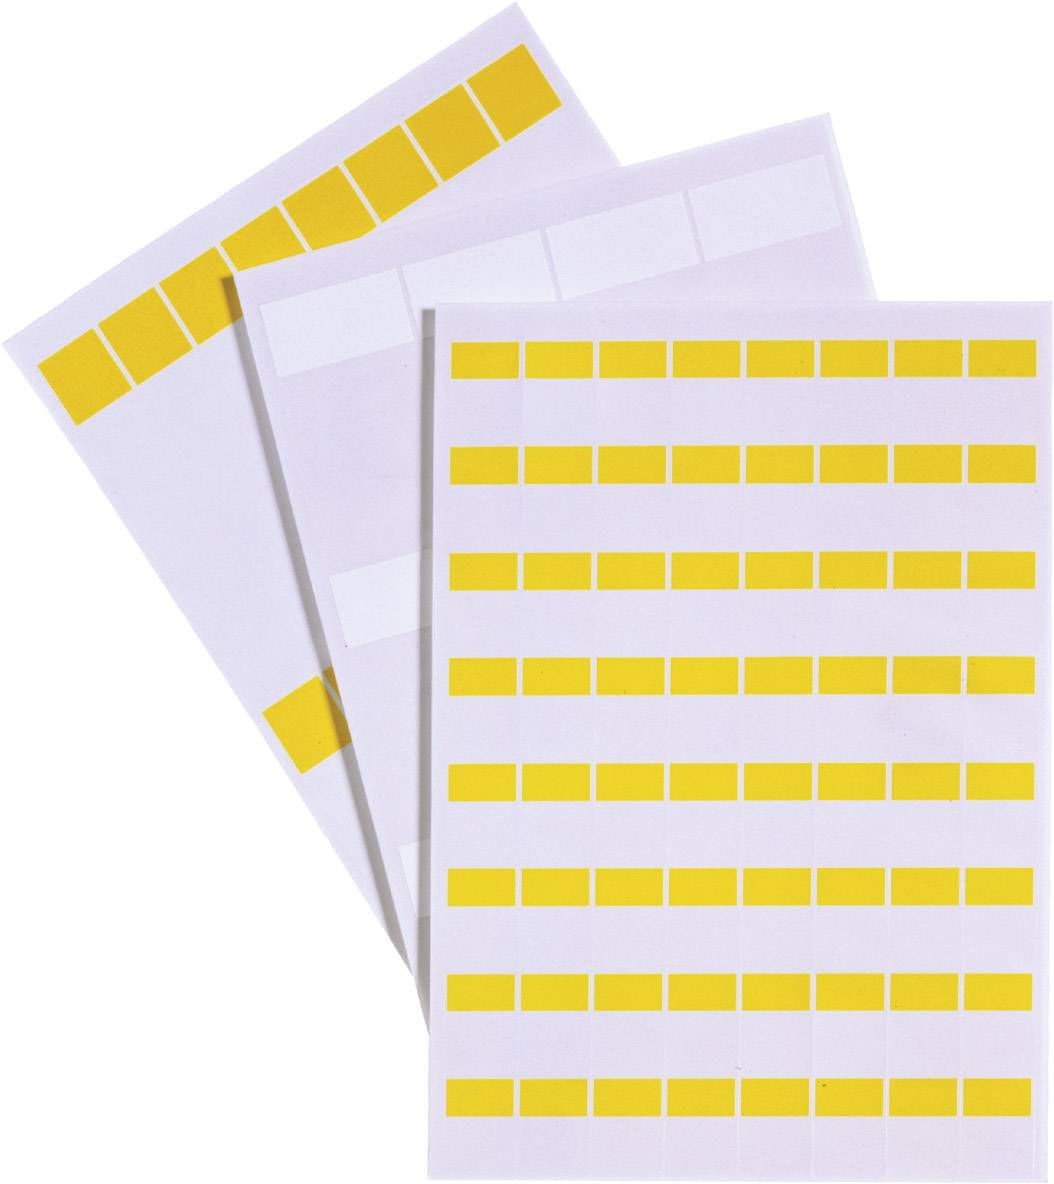 Etikety LappKabel LCK-32 YE (83256142), žlutá